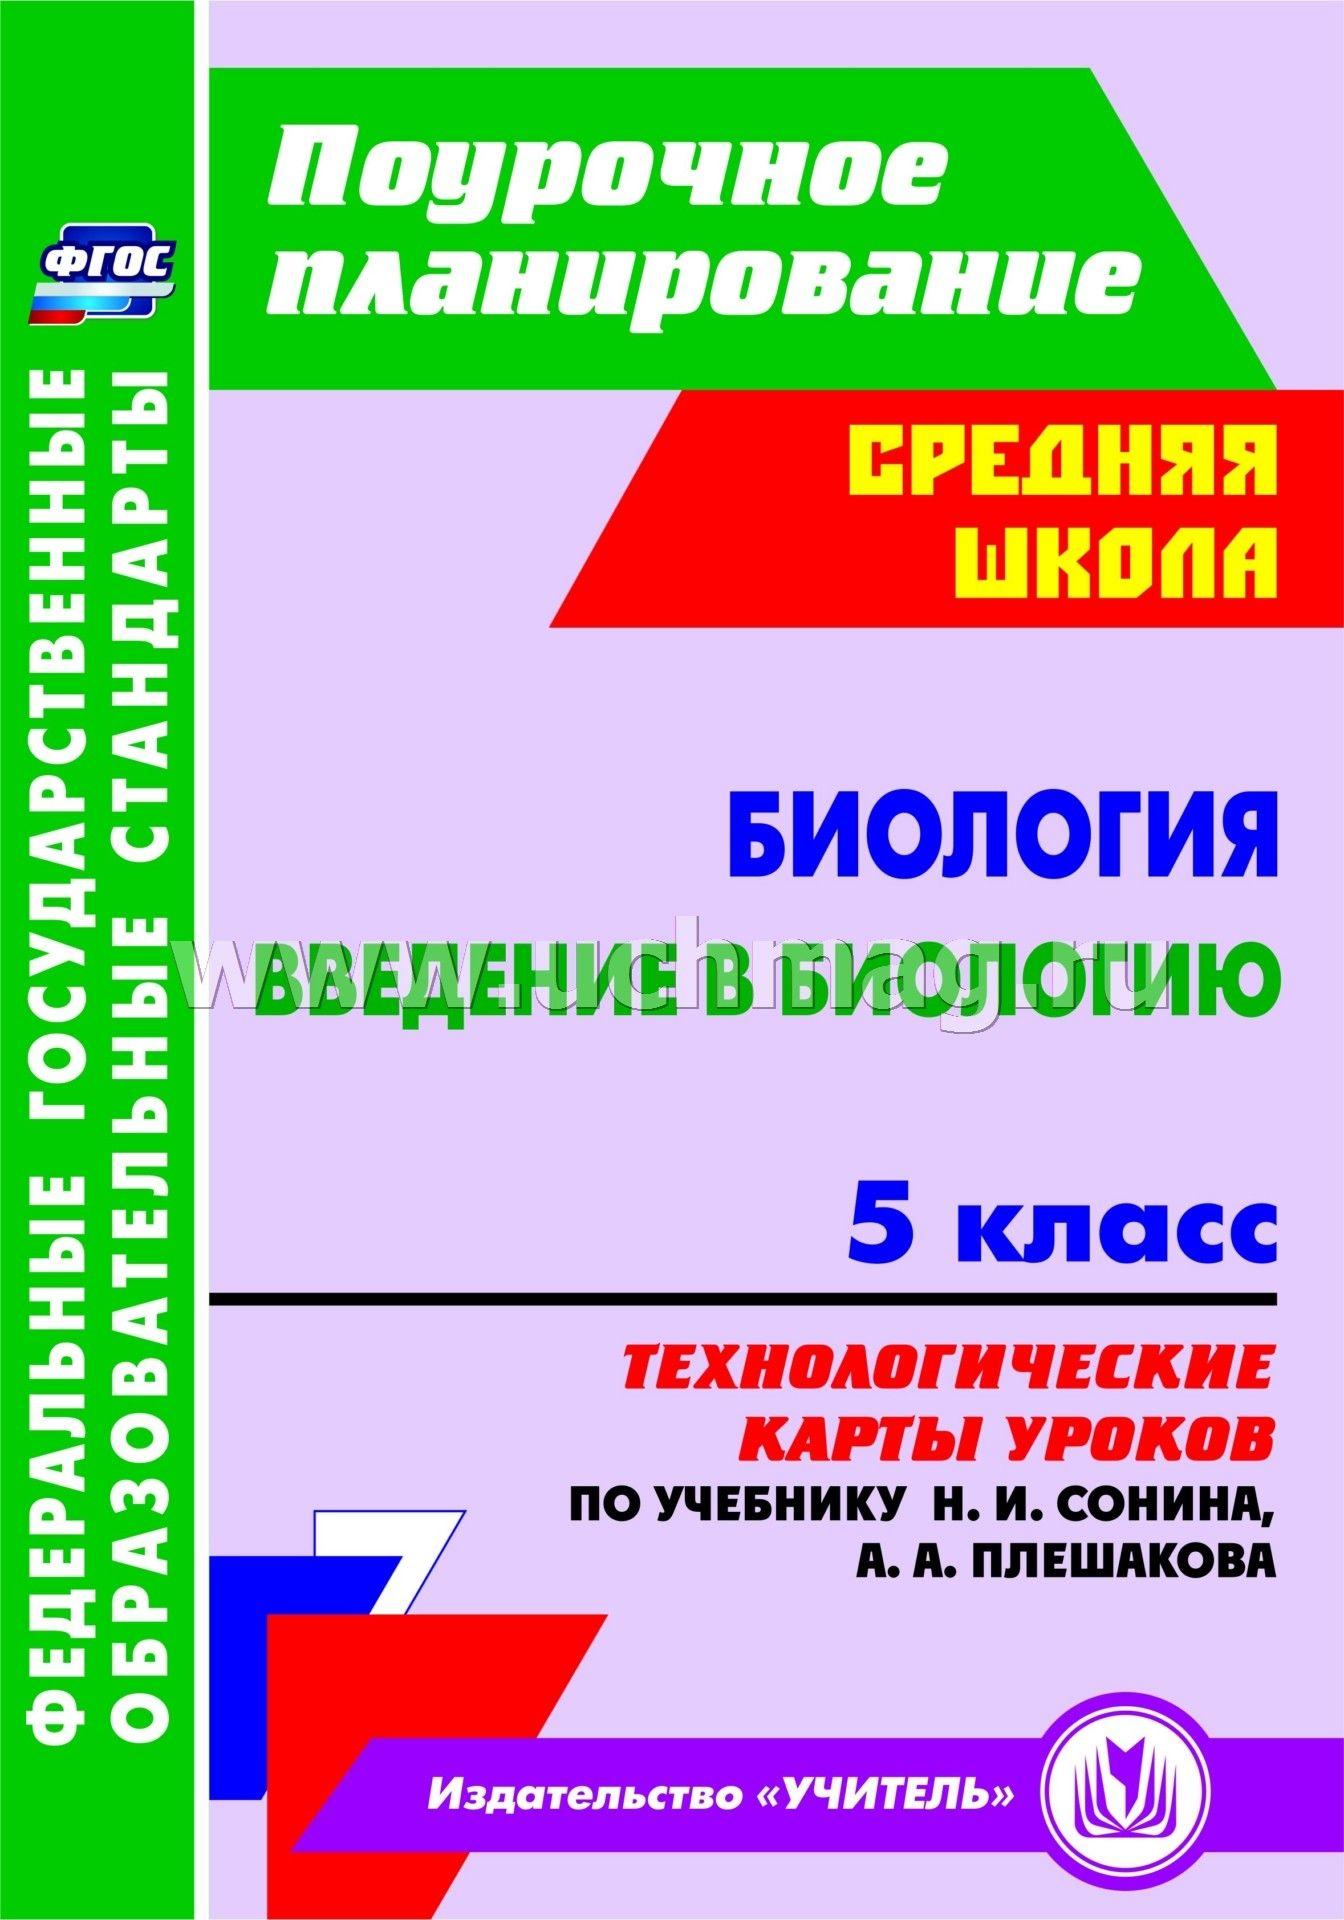 Фгос биология 5 класс технологическая карта урока автор сухорукова